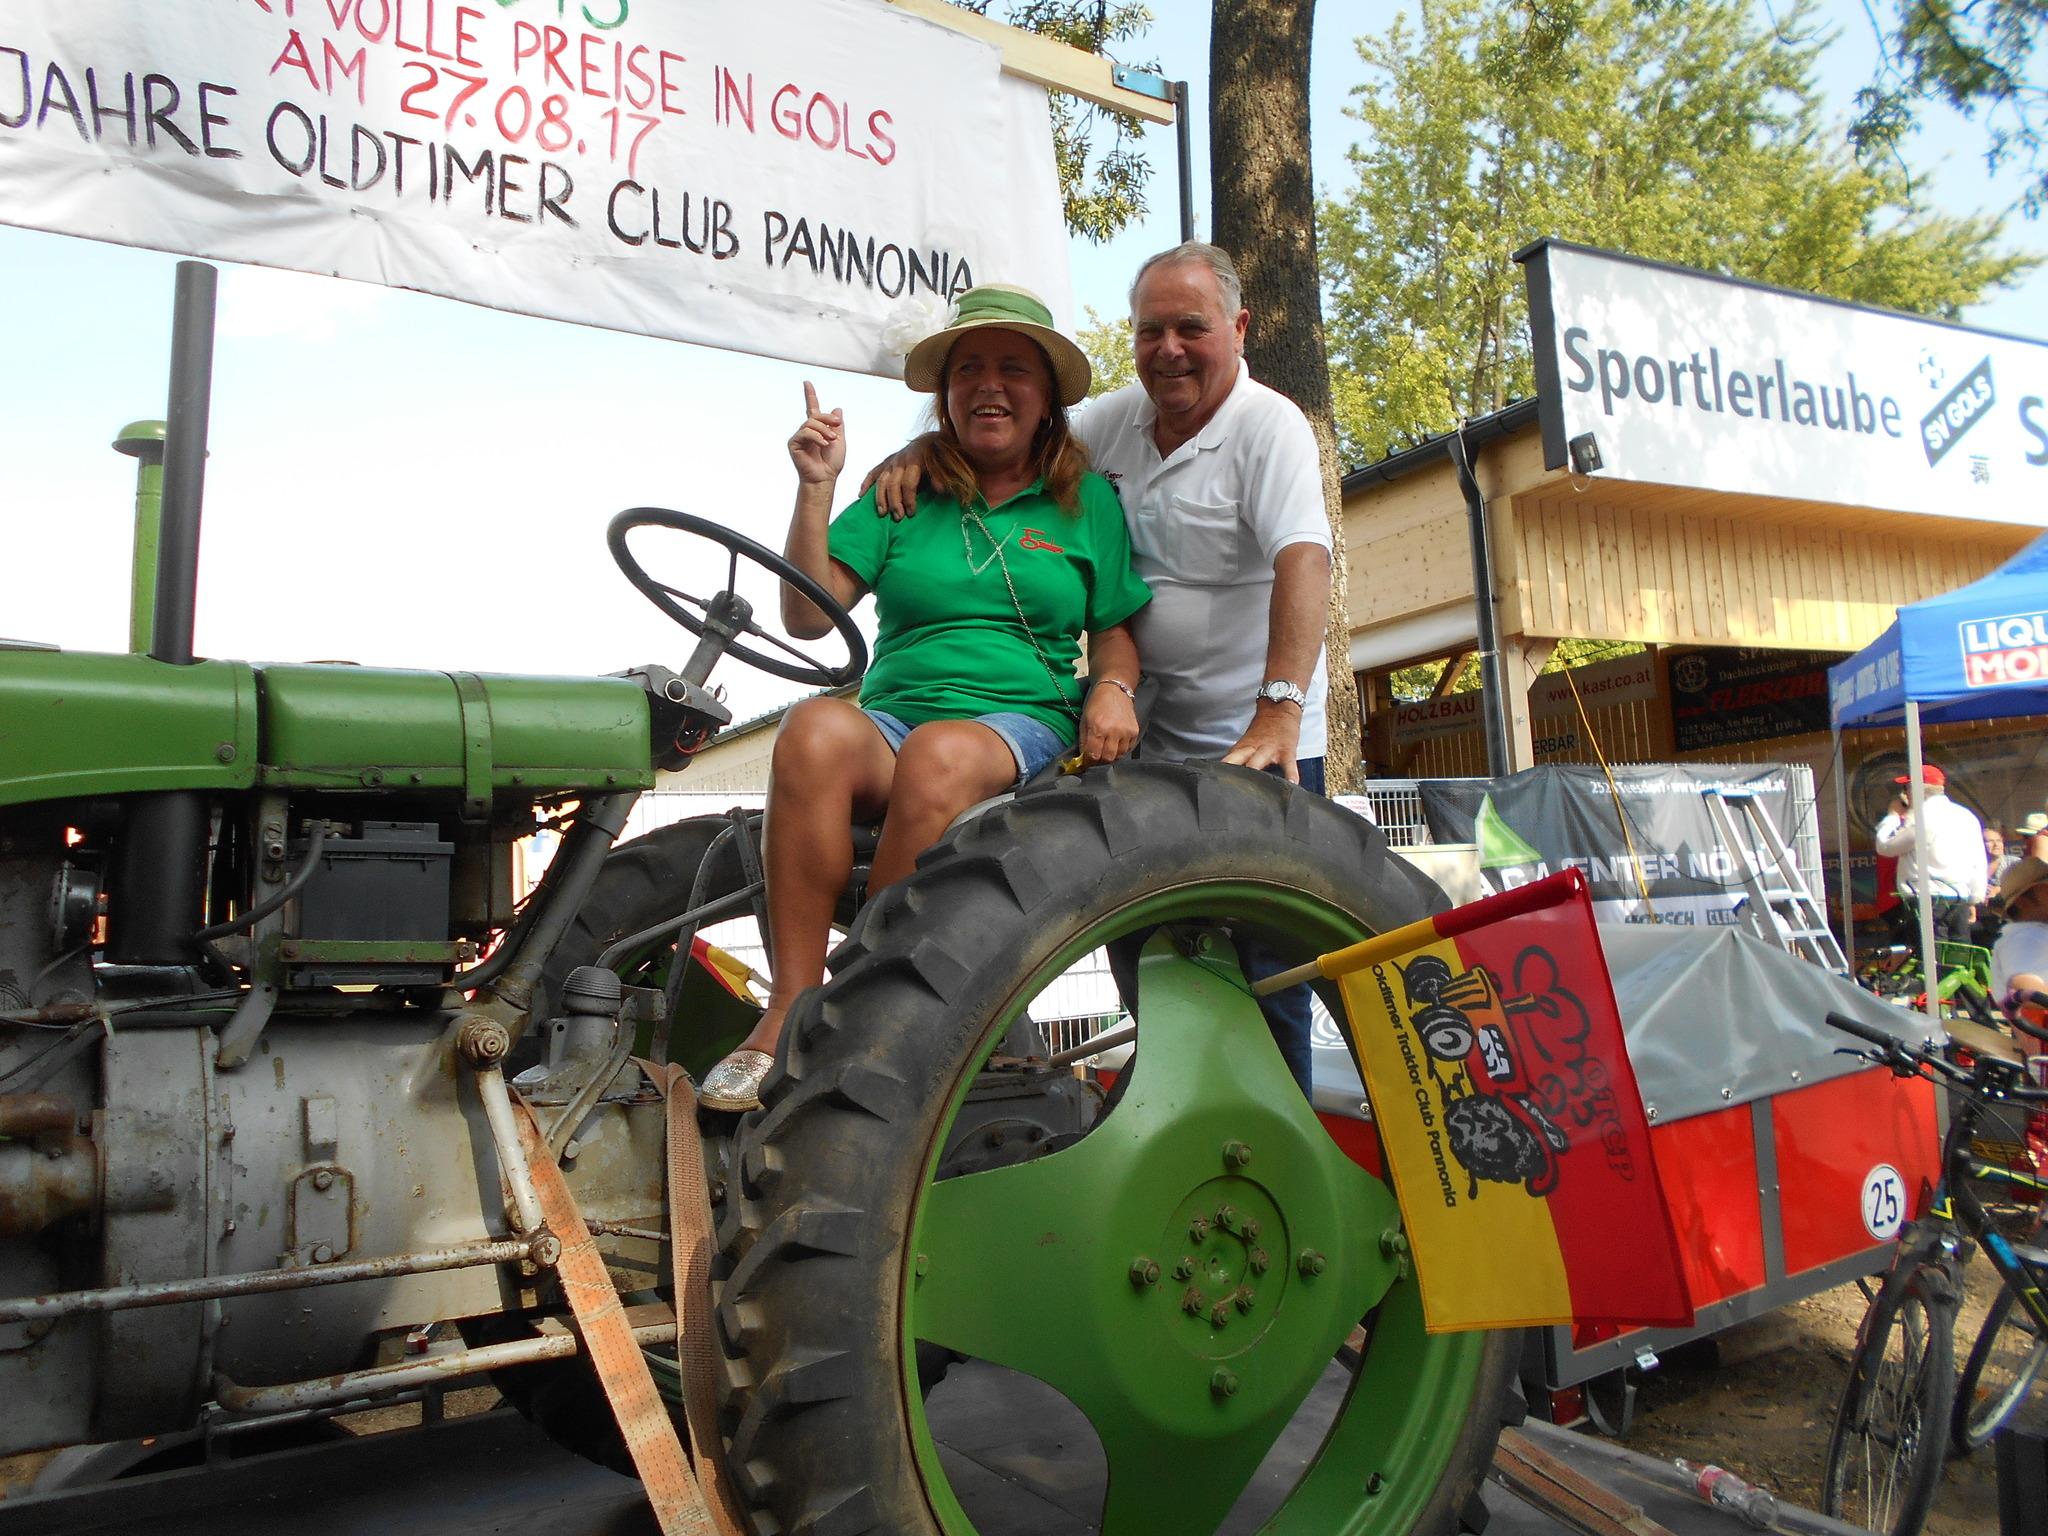 Traktortreffen in Gols - Neusiedl am See - bubble-sheet.com